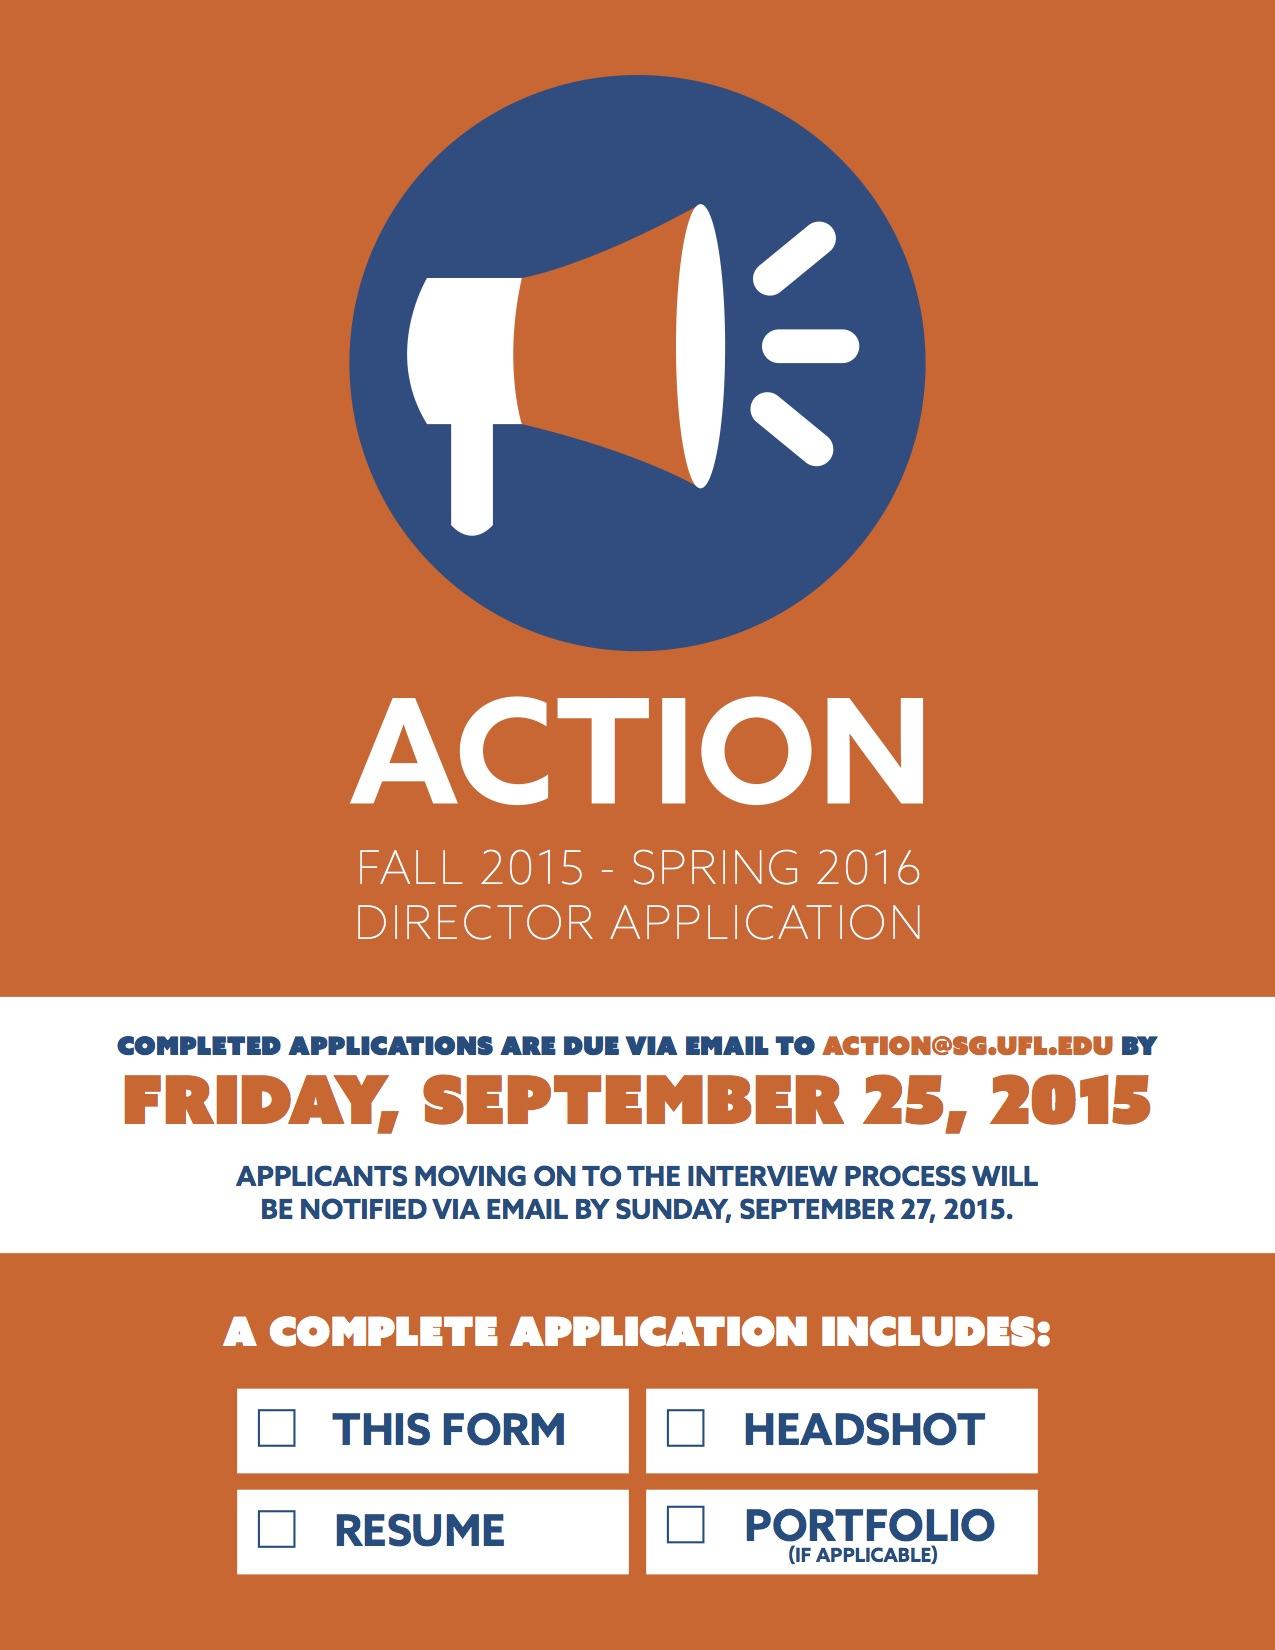 ActionSG_Director_Application.jpg